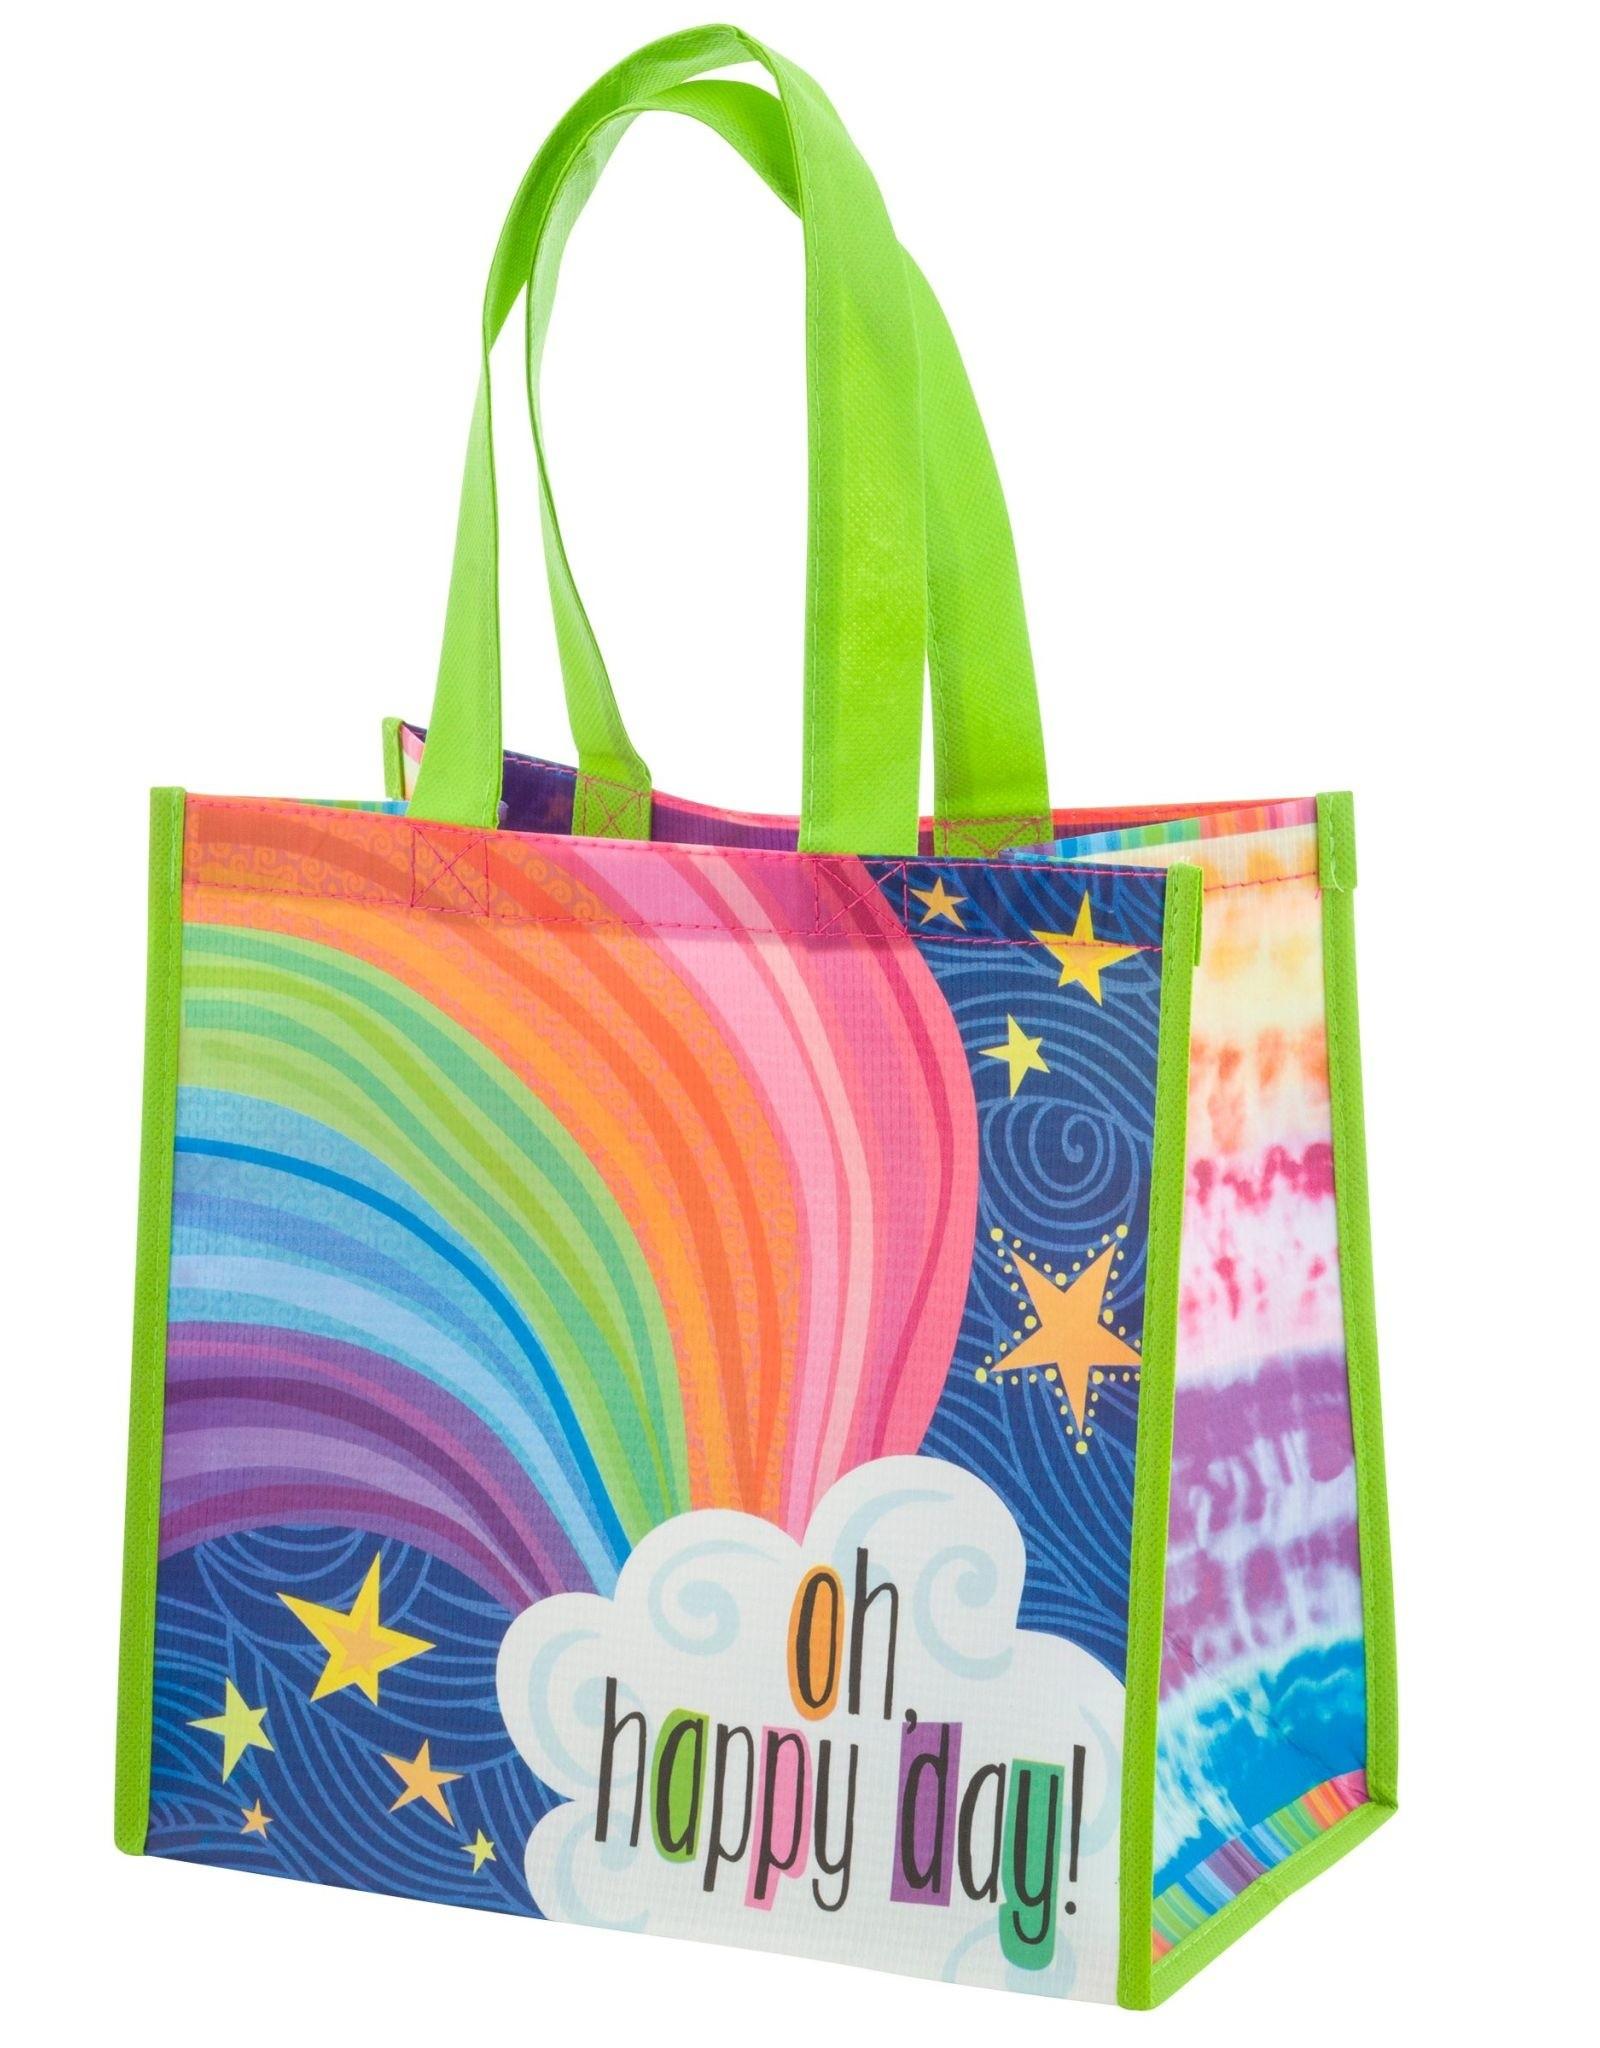 Karma Karma Medium Gift Bag